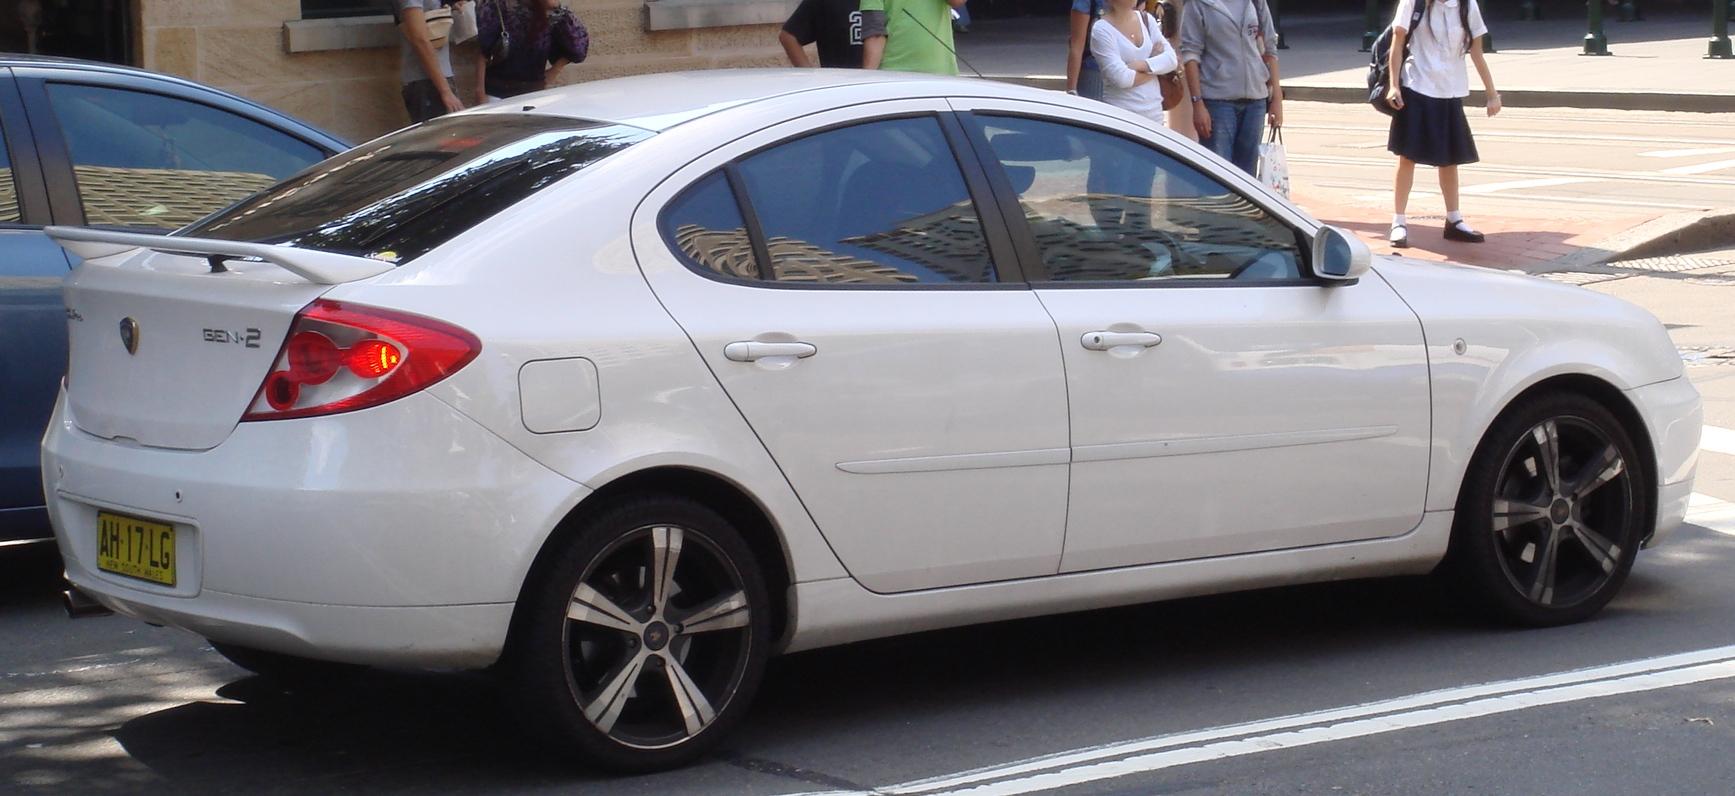 2006 Proton Gen-2